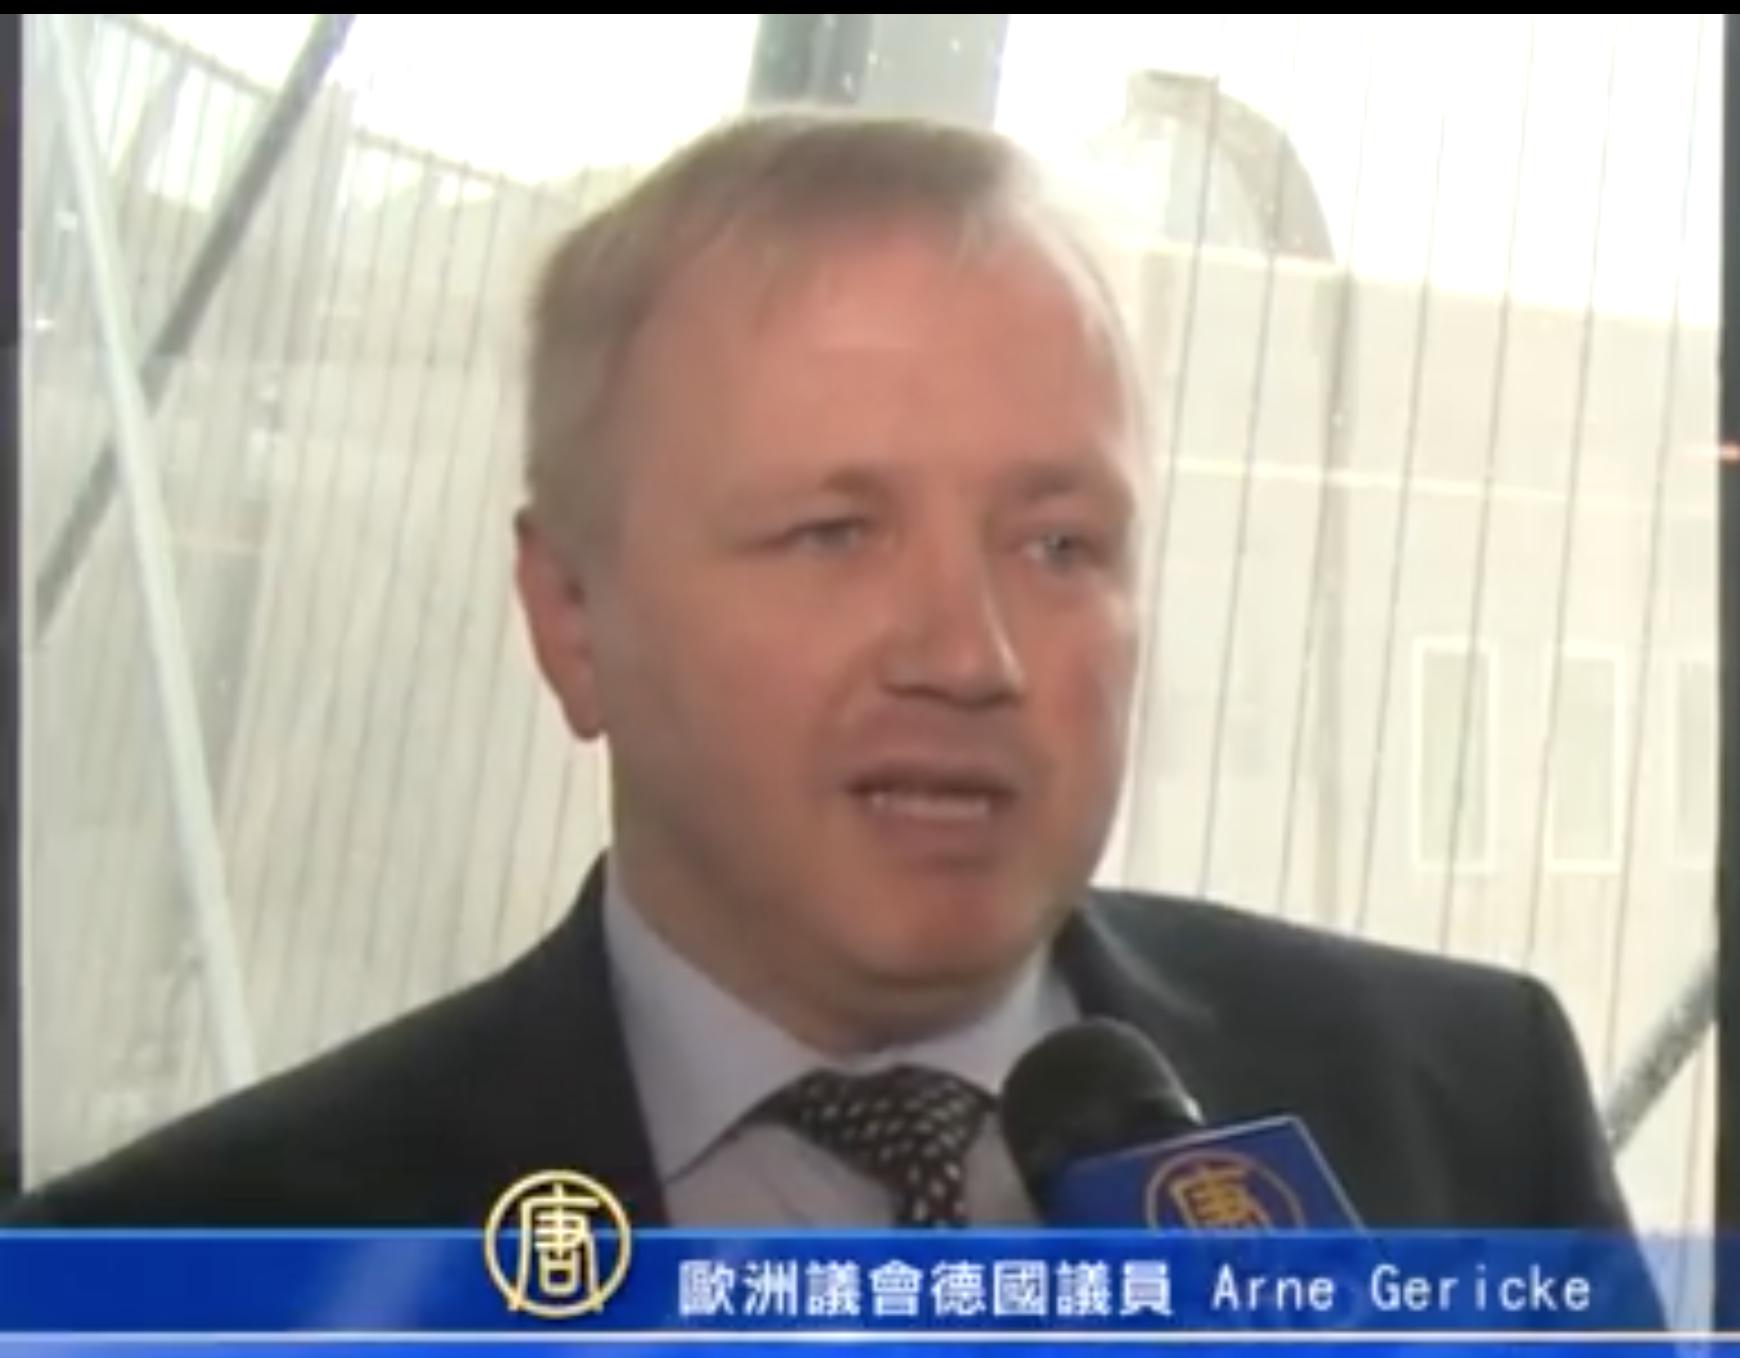 書面聲明發起人之一德國歐議會議員蓋立克(Arne Gericke)表示聲明攸關百萬中國人性命。(新唐人電視截圖)